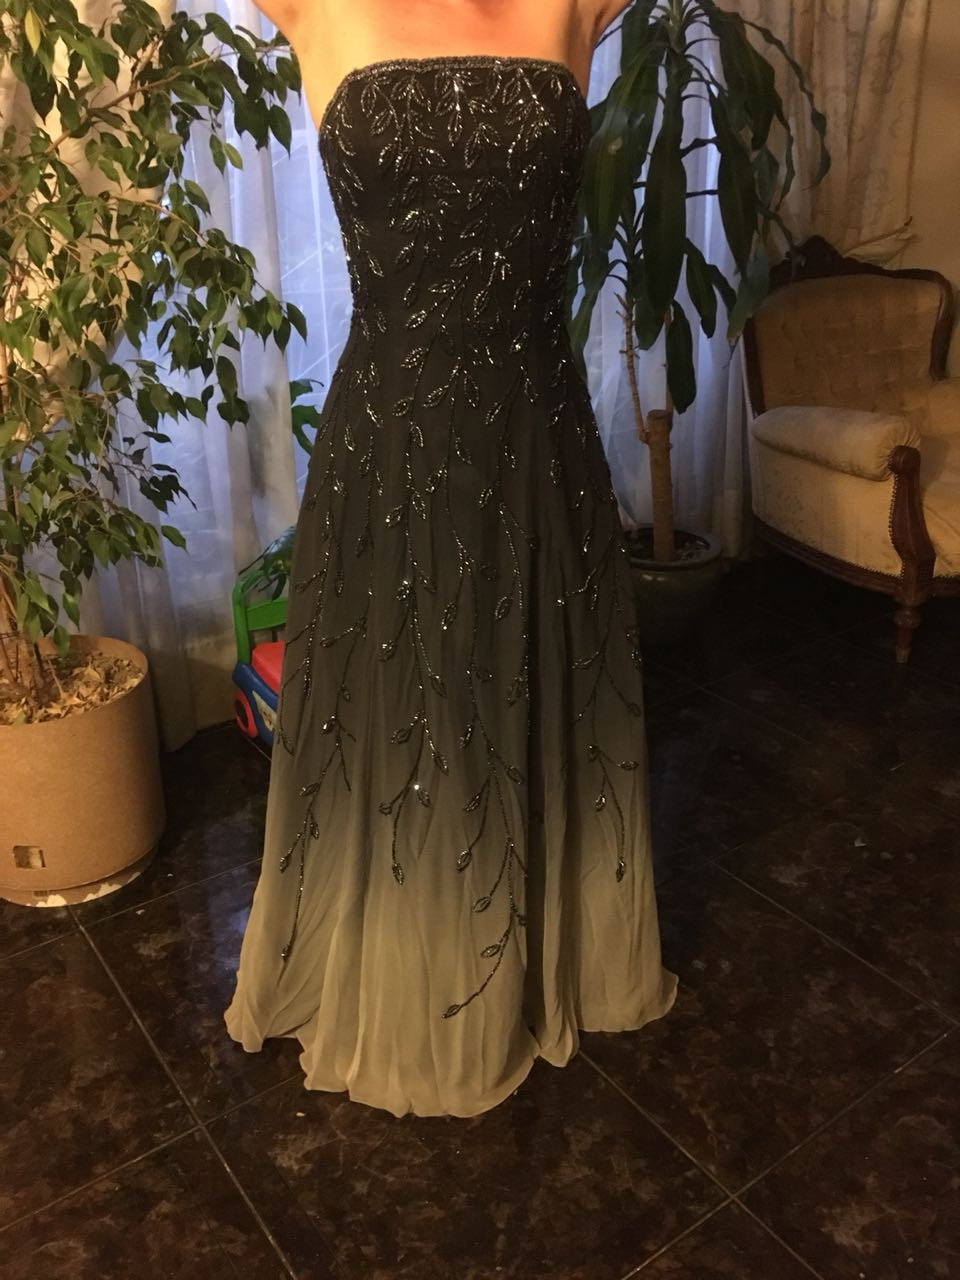 Vestidos de fiesta usados concepcion